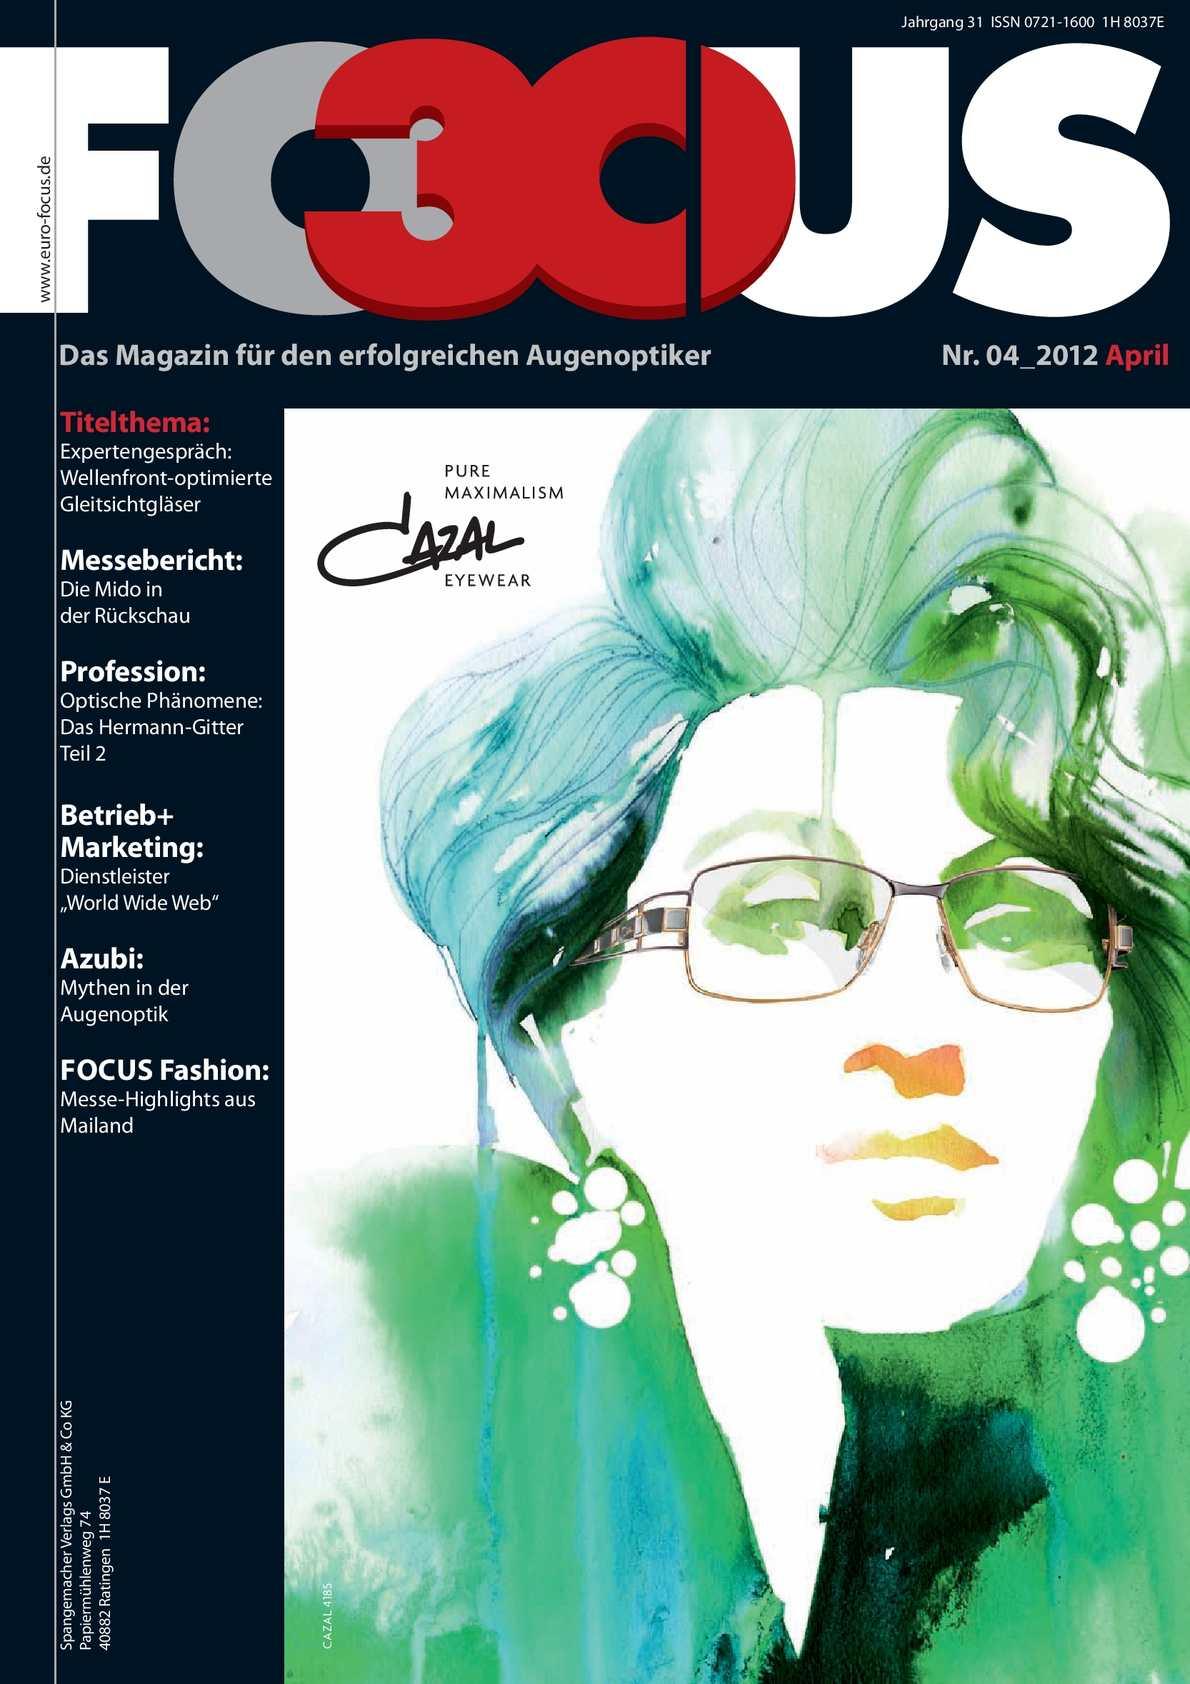 Calaméo - FOCUS 2012_04 April